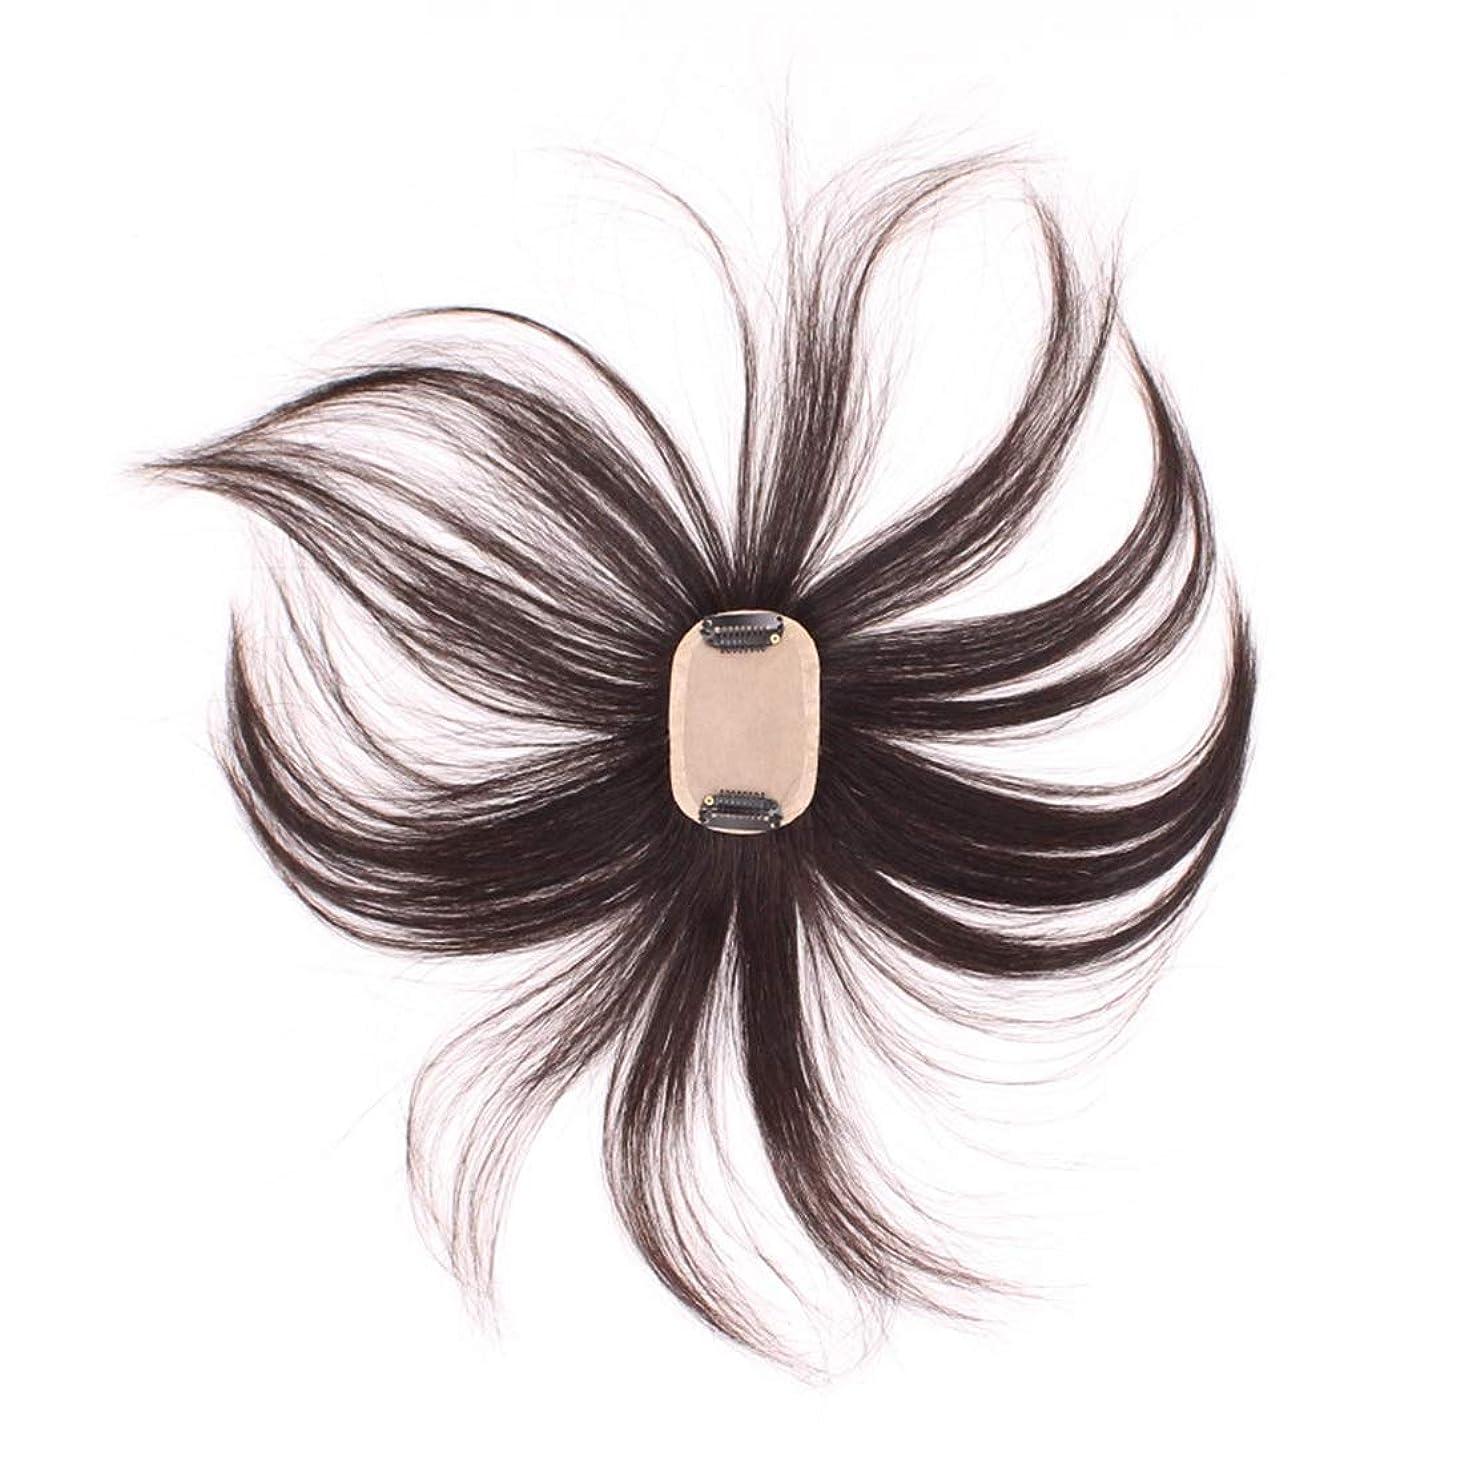 ファーム理論オーケストラBOBIDYEE フルハンド織りヘアピースハンドニードルヘアライン再発行本物のかつら男性と女性のための人工毛レースのかつらロールプレイングかつら (色 : Natural black)